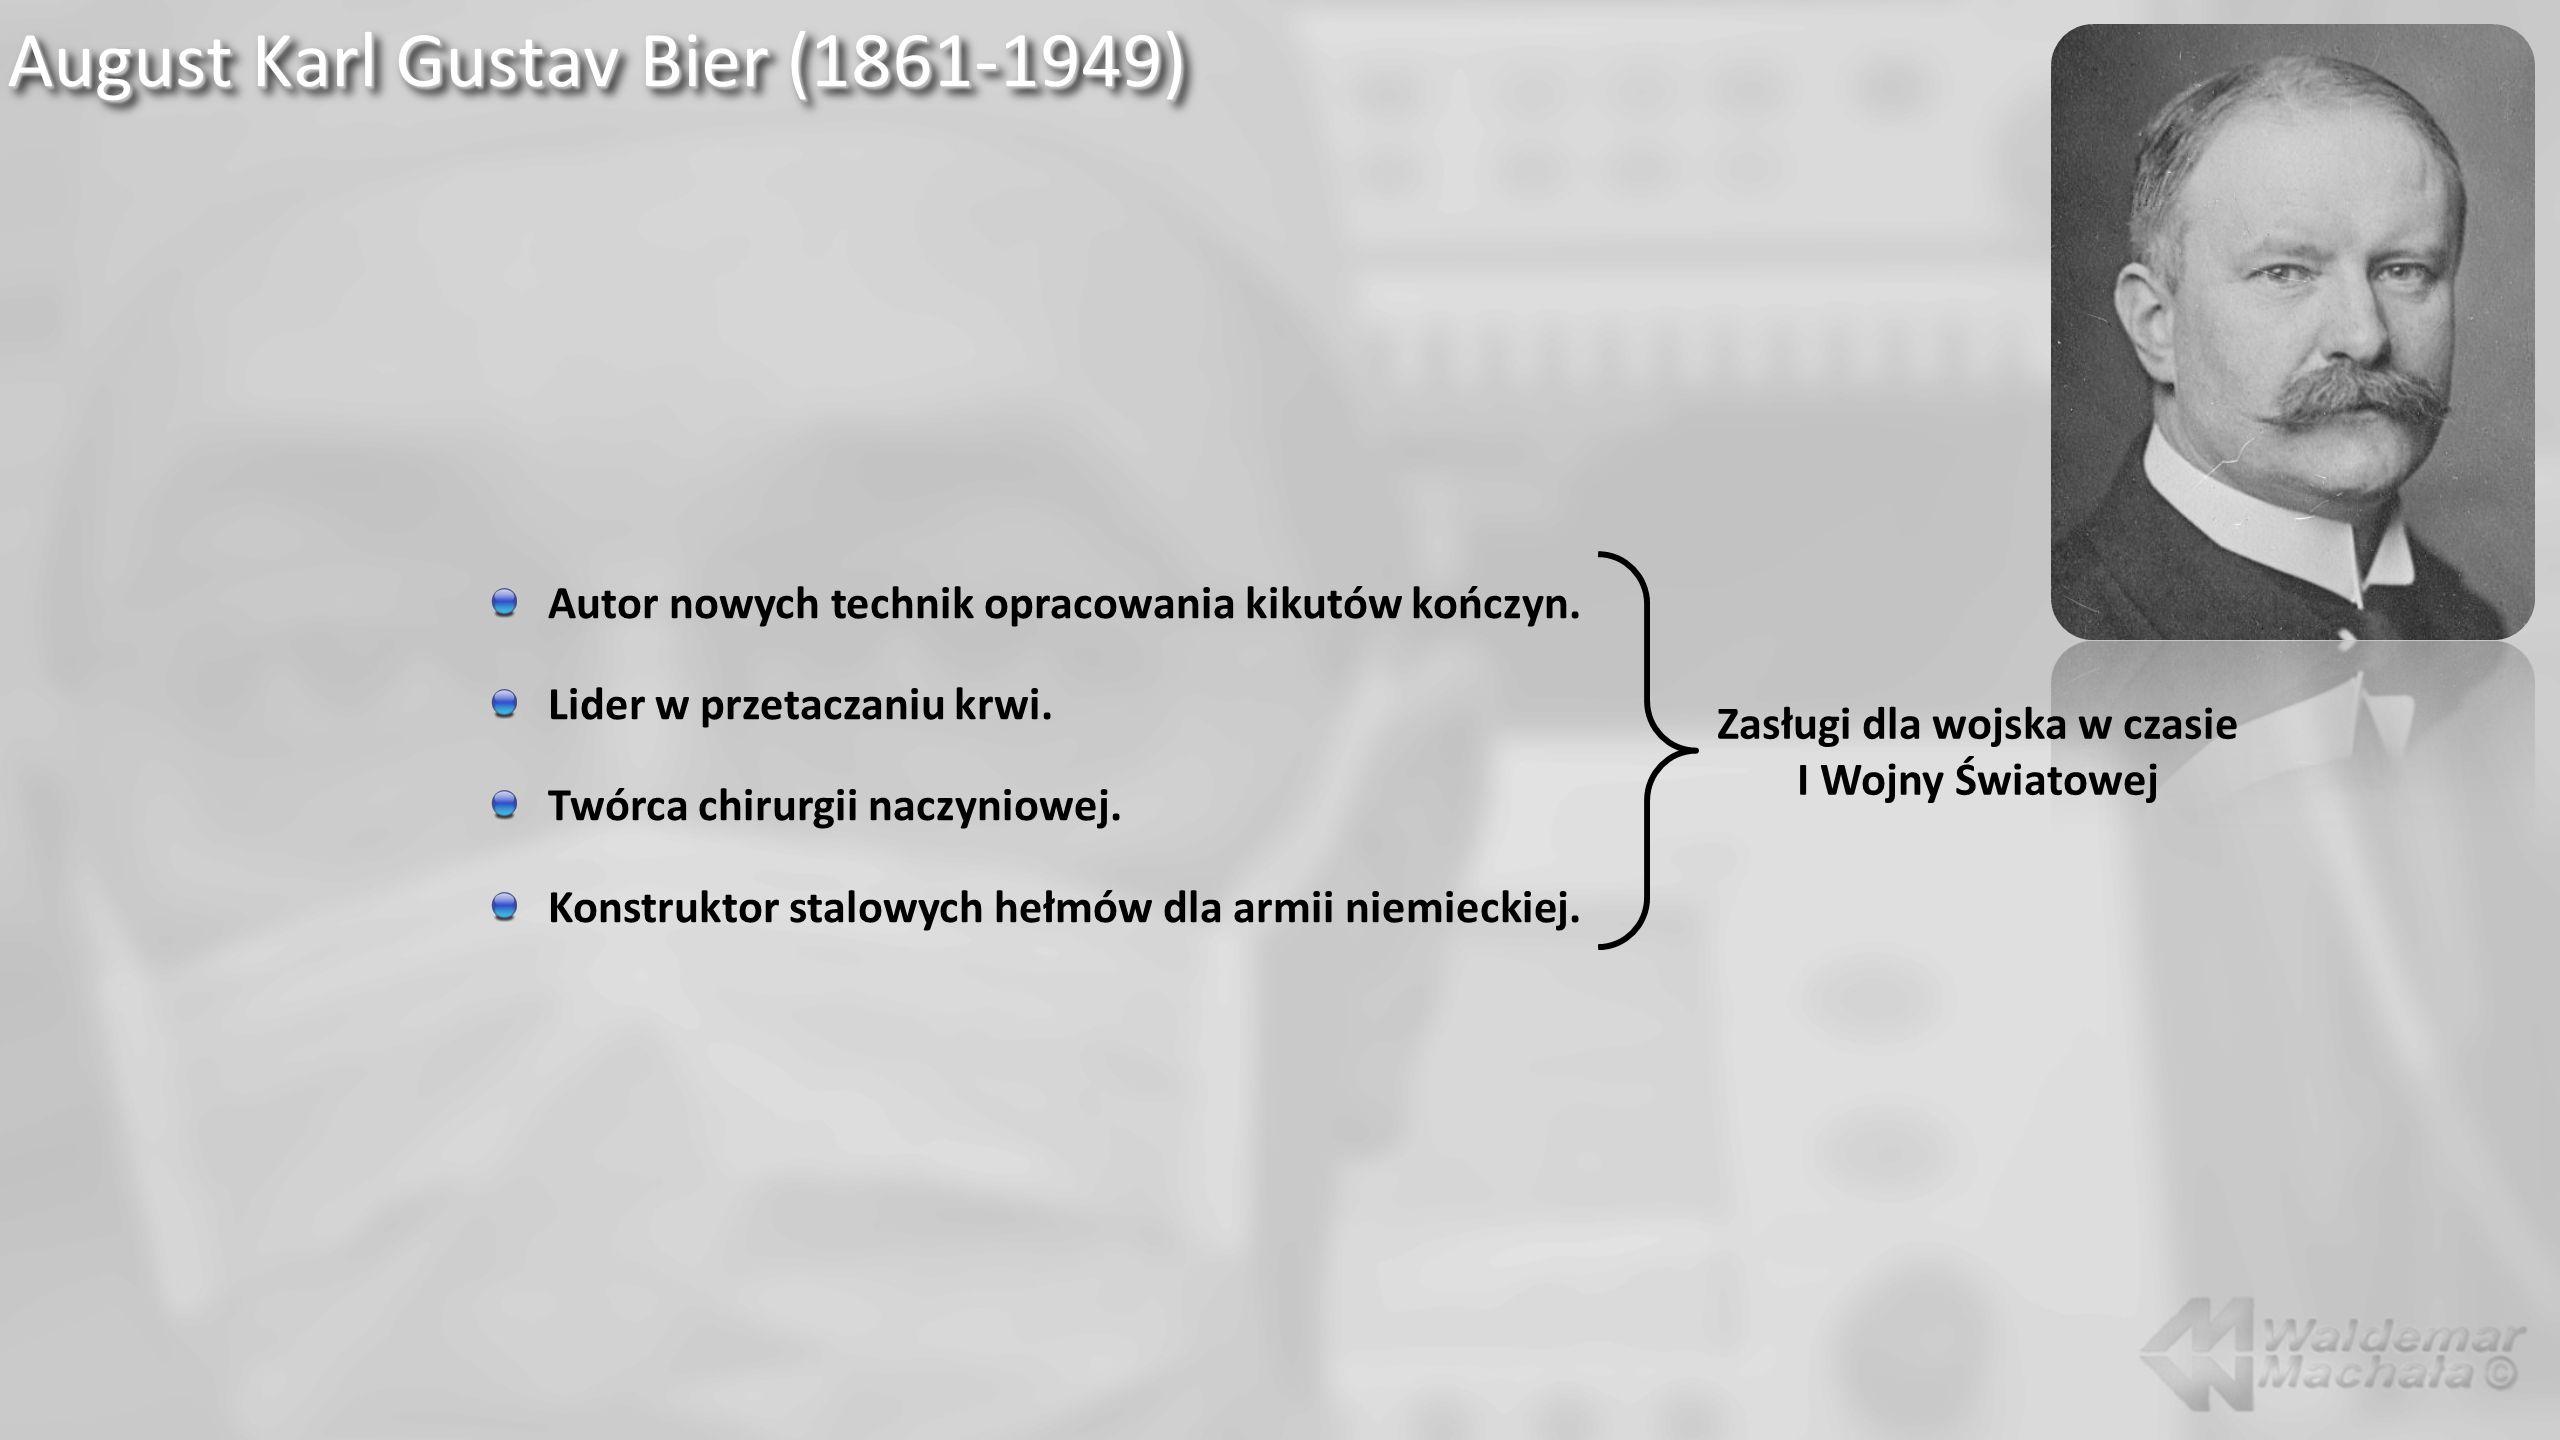 August Karl Gustav Bier (1861-1949) Ten.tego